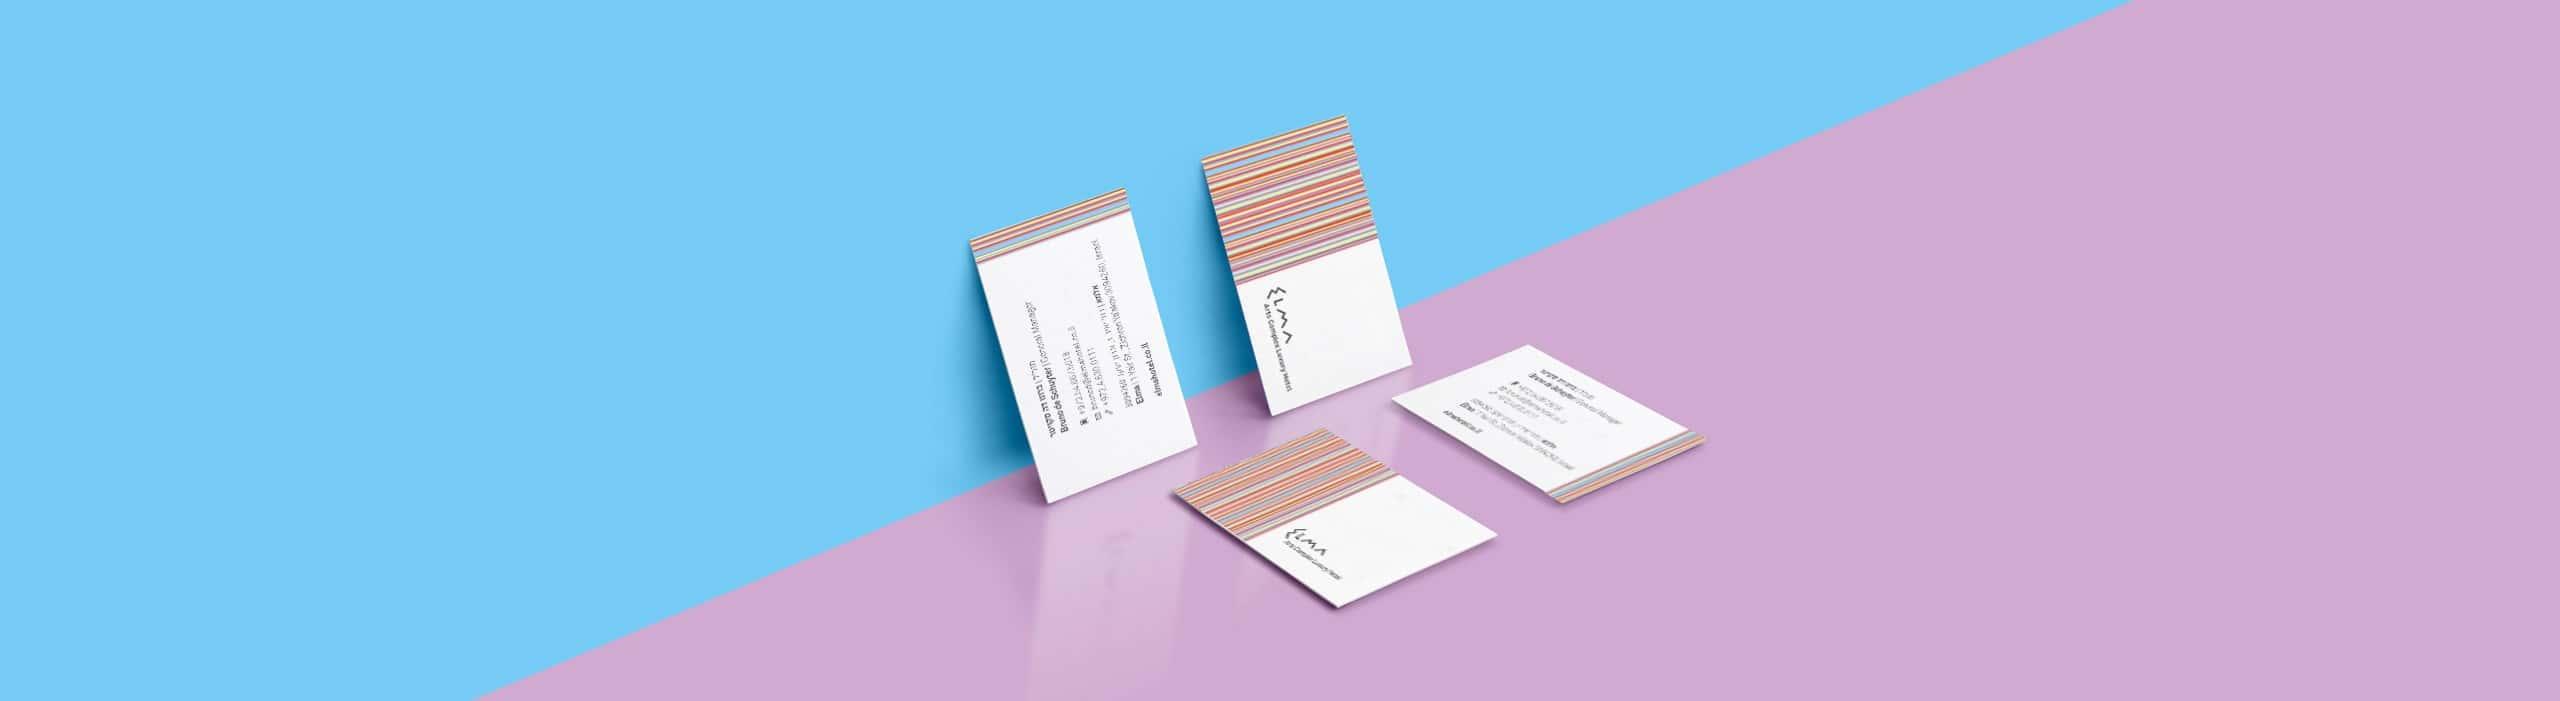 Elma - natie-elma-business-cards - Natie Branding Agency